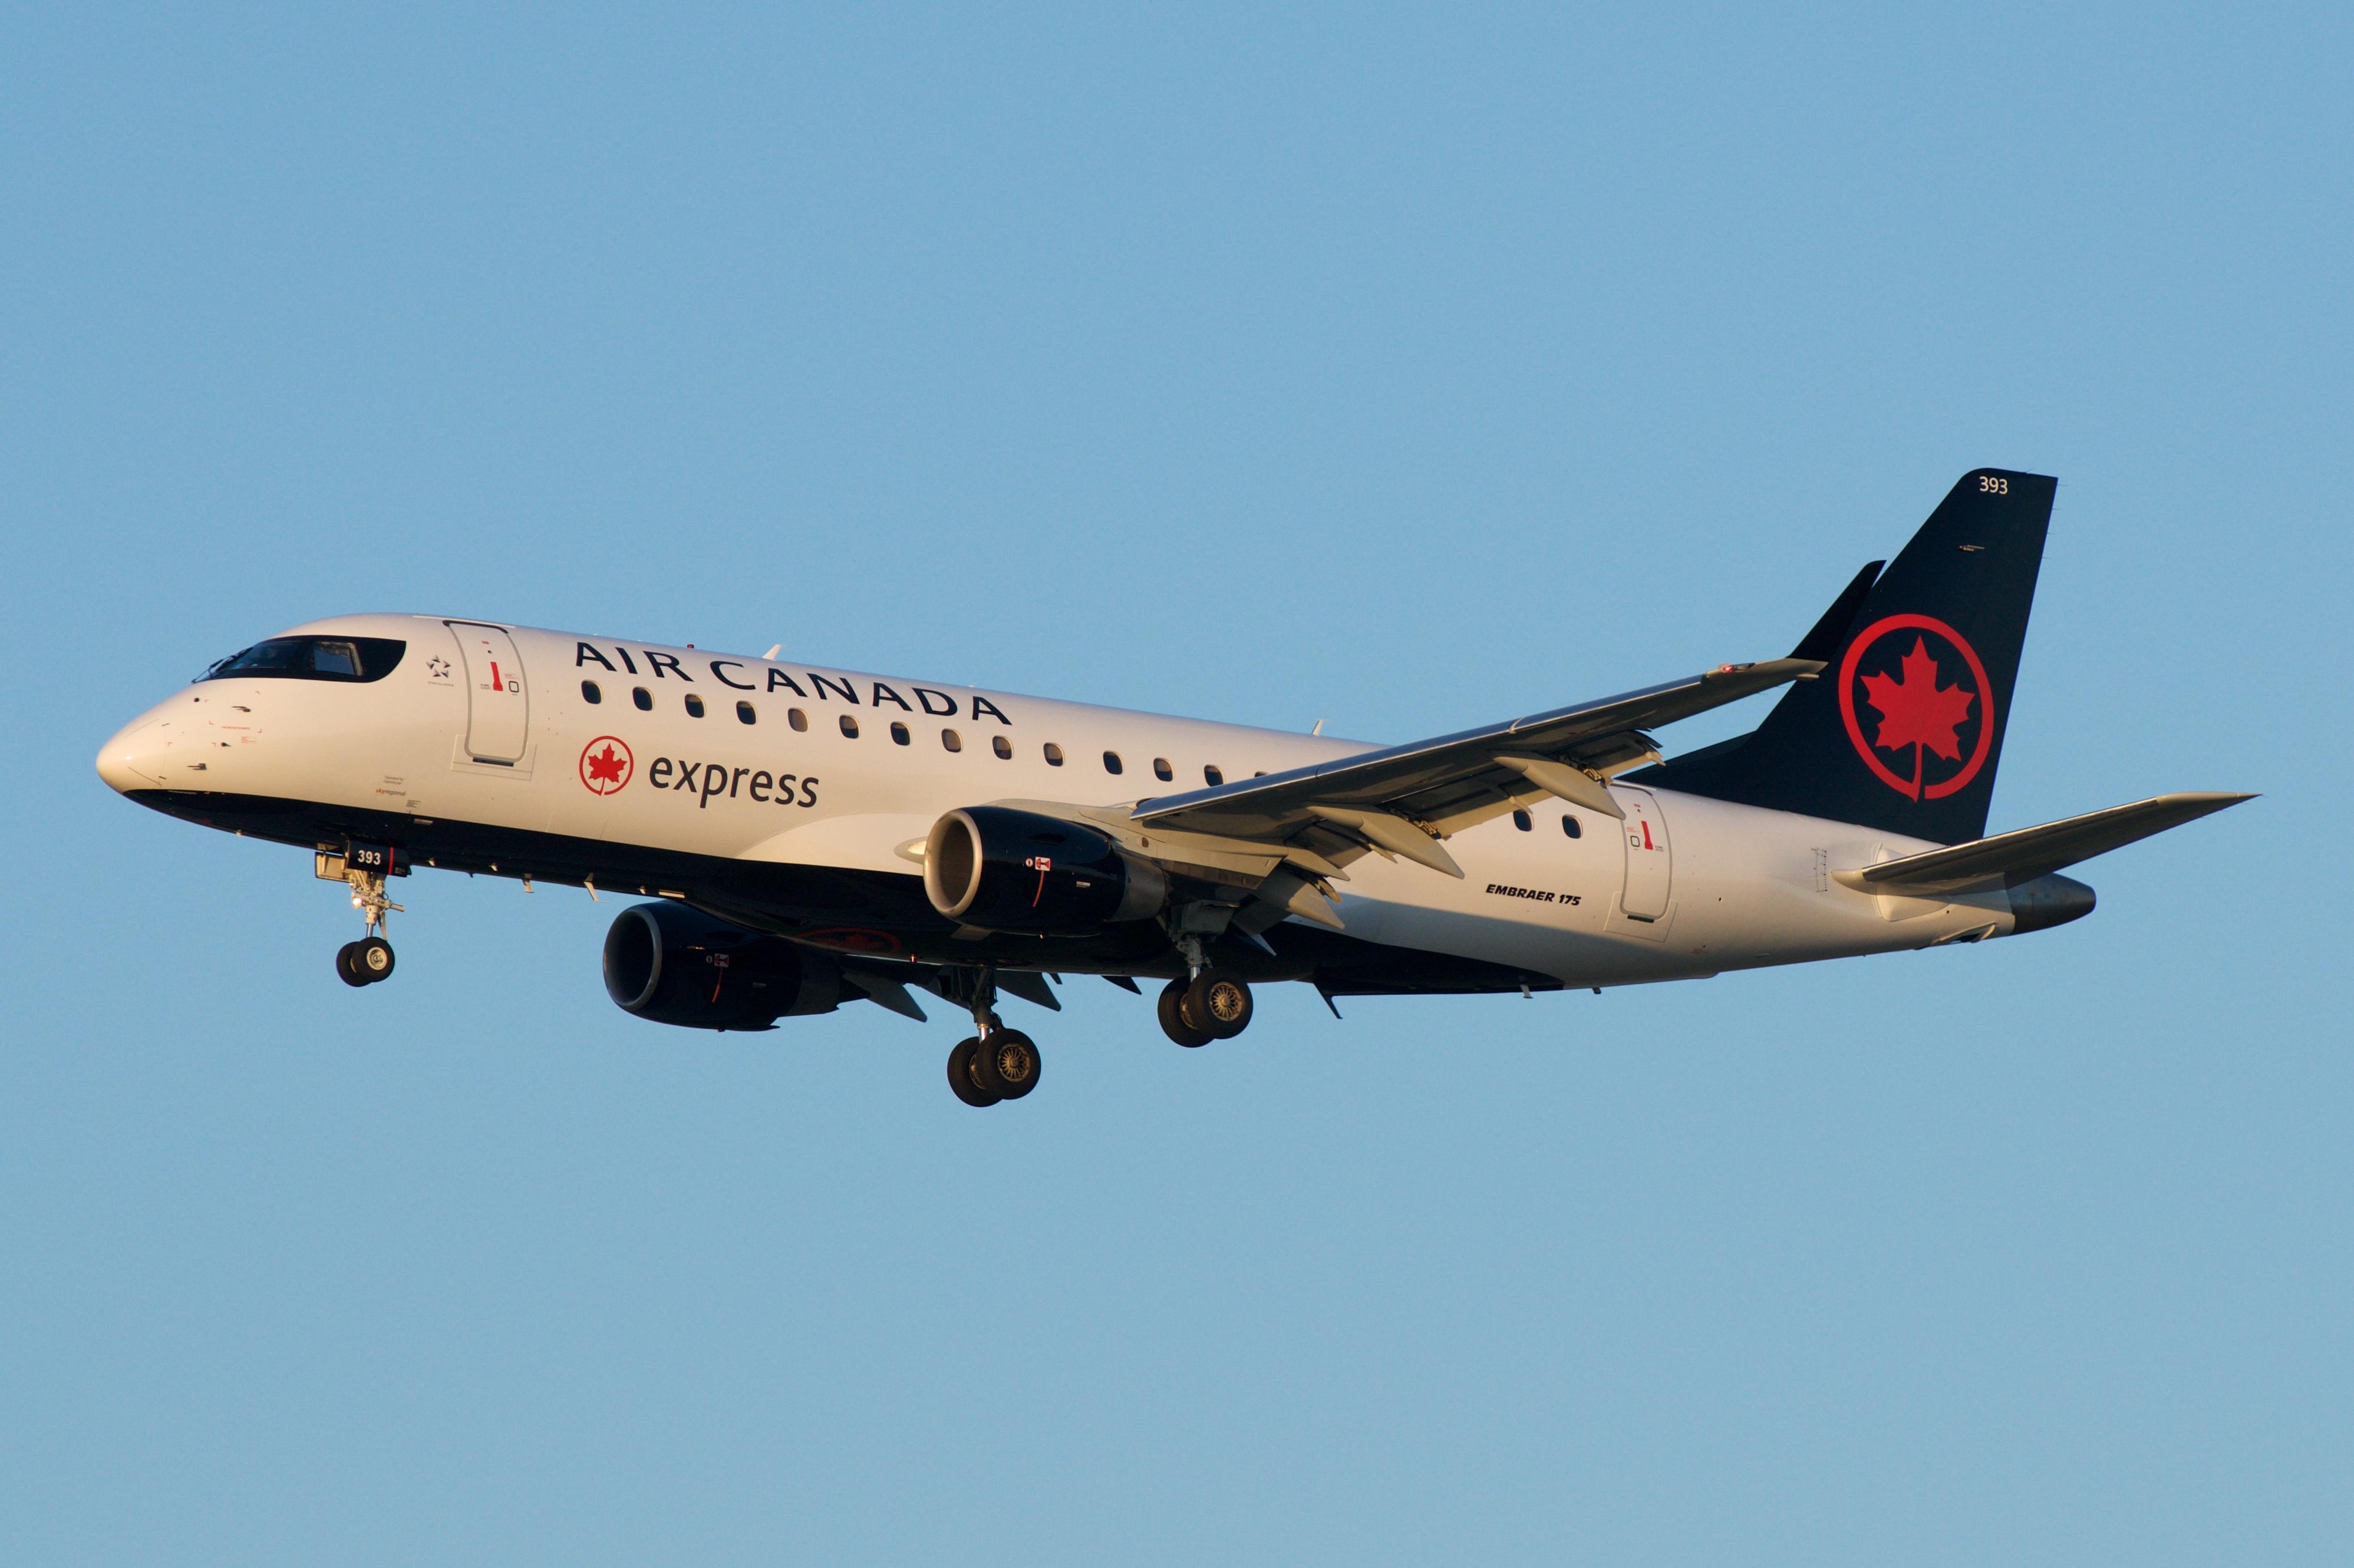 Air Canada Express Embraer 175